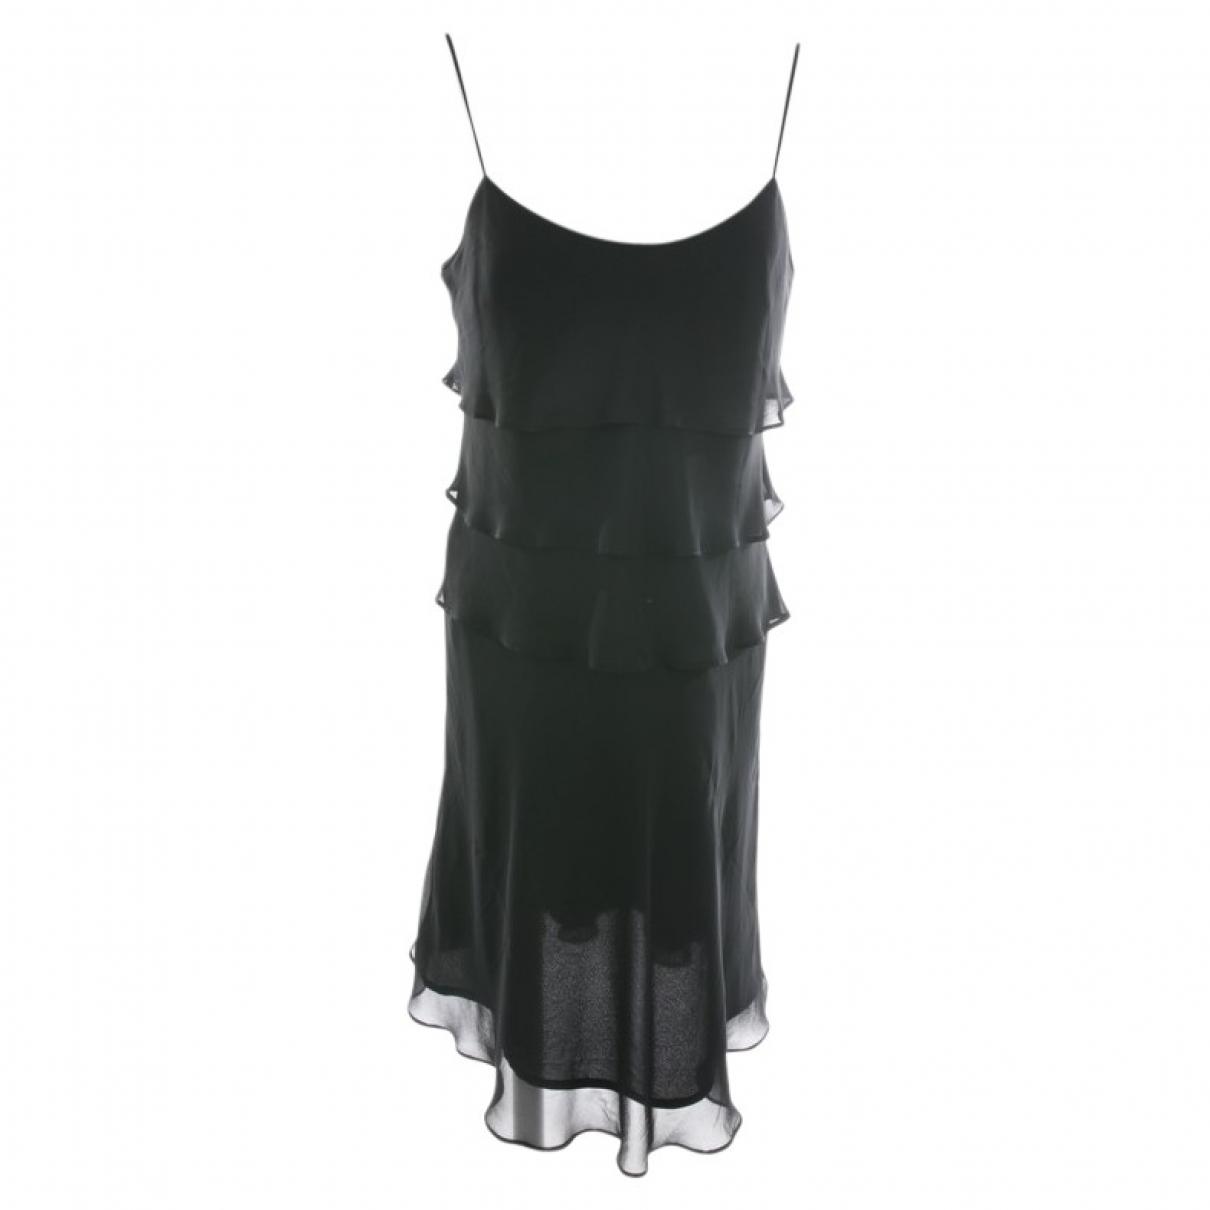 Joseph Ribkoff \N Black dress for Women 34 FR